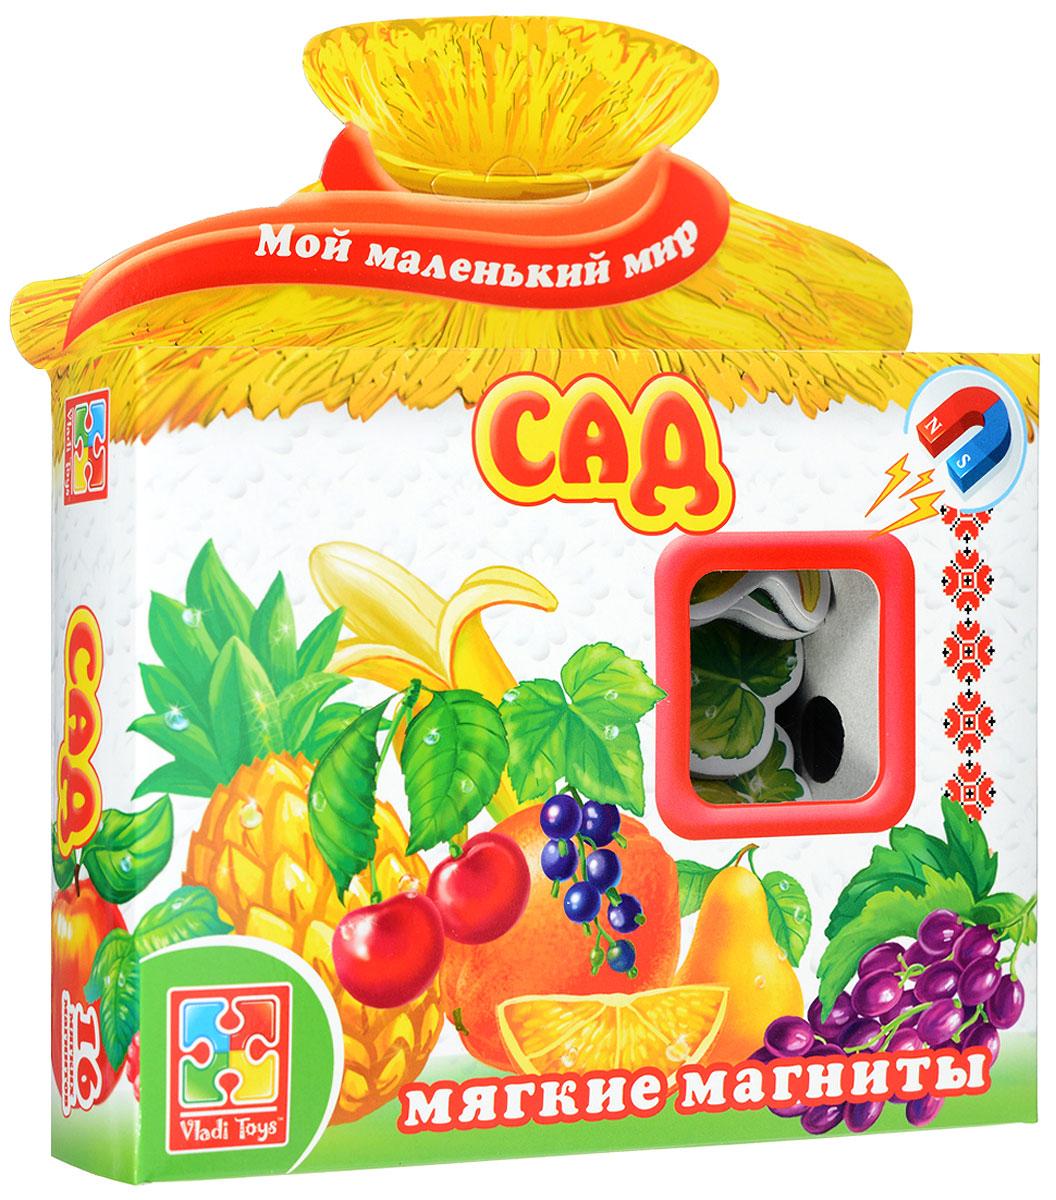 Vladi Toys Развивающая игра СадVT3101-01С развивающей магнитной игрой Vladi Toys Сад ваш малыш расширит свои познания об окружающем его мире, увеличит свой словарный запас, сможет весело и познавательно проводить время. Игра познакомит малыша с некоторыми фруктами и ягодами. С фигурными магнитиками можно играть на специальном магнитном планшете или просто на любой ровной металлической поверхности. В рекомендациях предлагается несколько вариантов игр. Обучающая игра на магнитах Vladi Toys научит ребенка соотносить название объекта с его изображением. В наборе 16 мягких магнитов толщиной 3 мм.